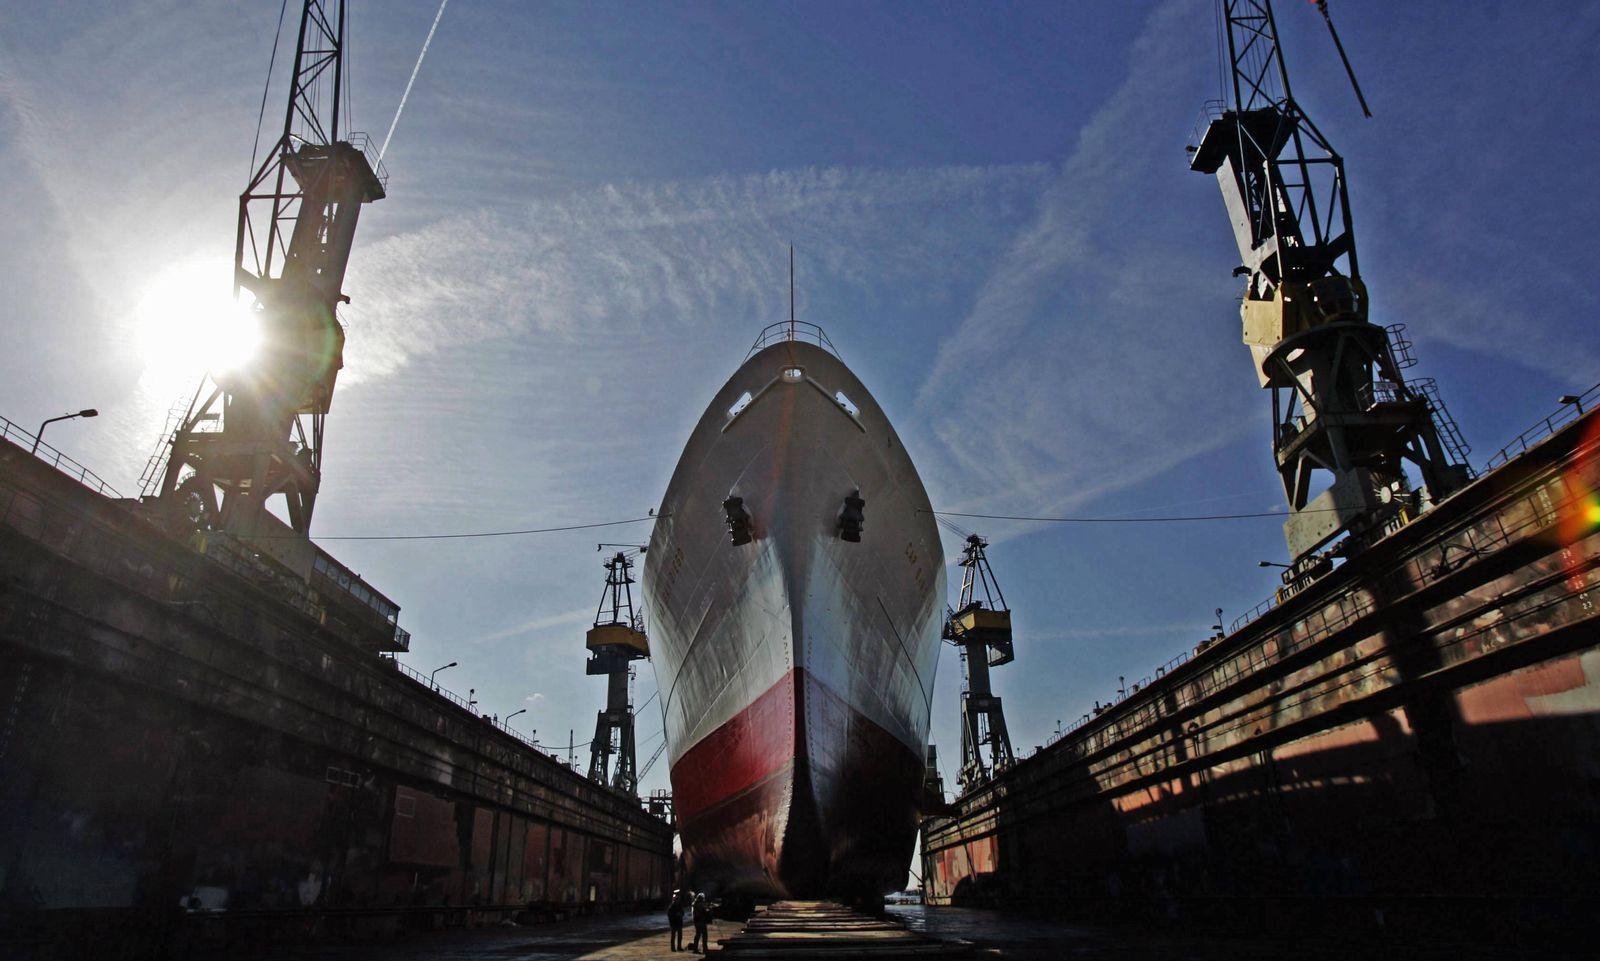 NICHT VERWENDEN ThyssenKrupp verkauft Teile von Hamburger Werften an Araber